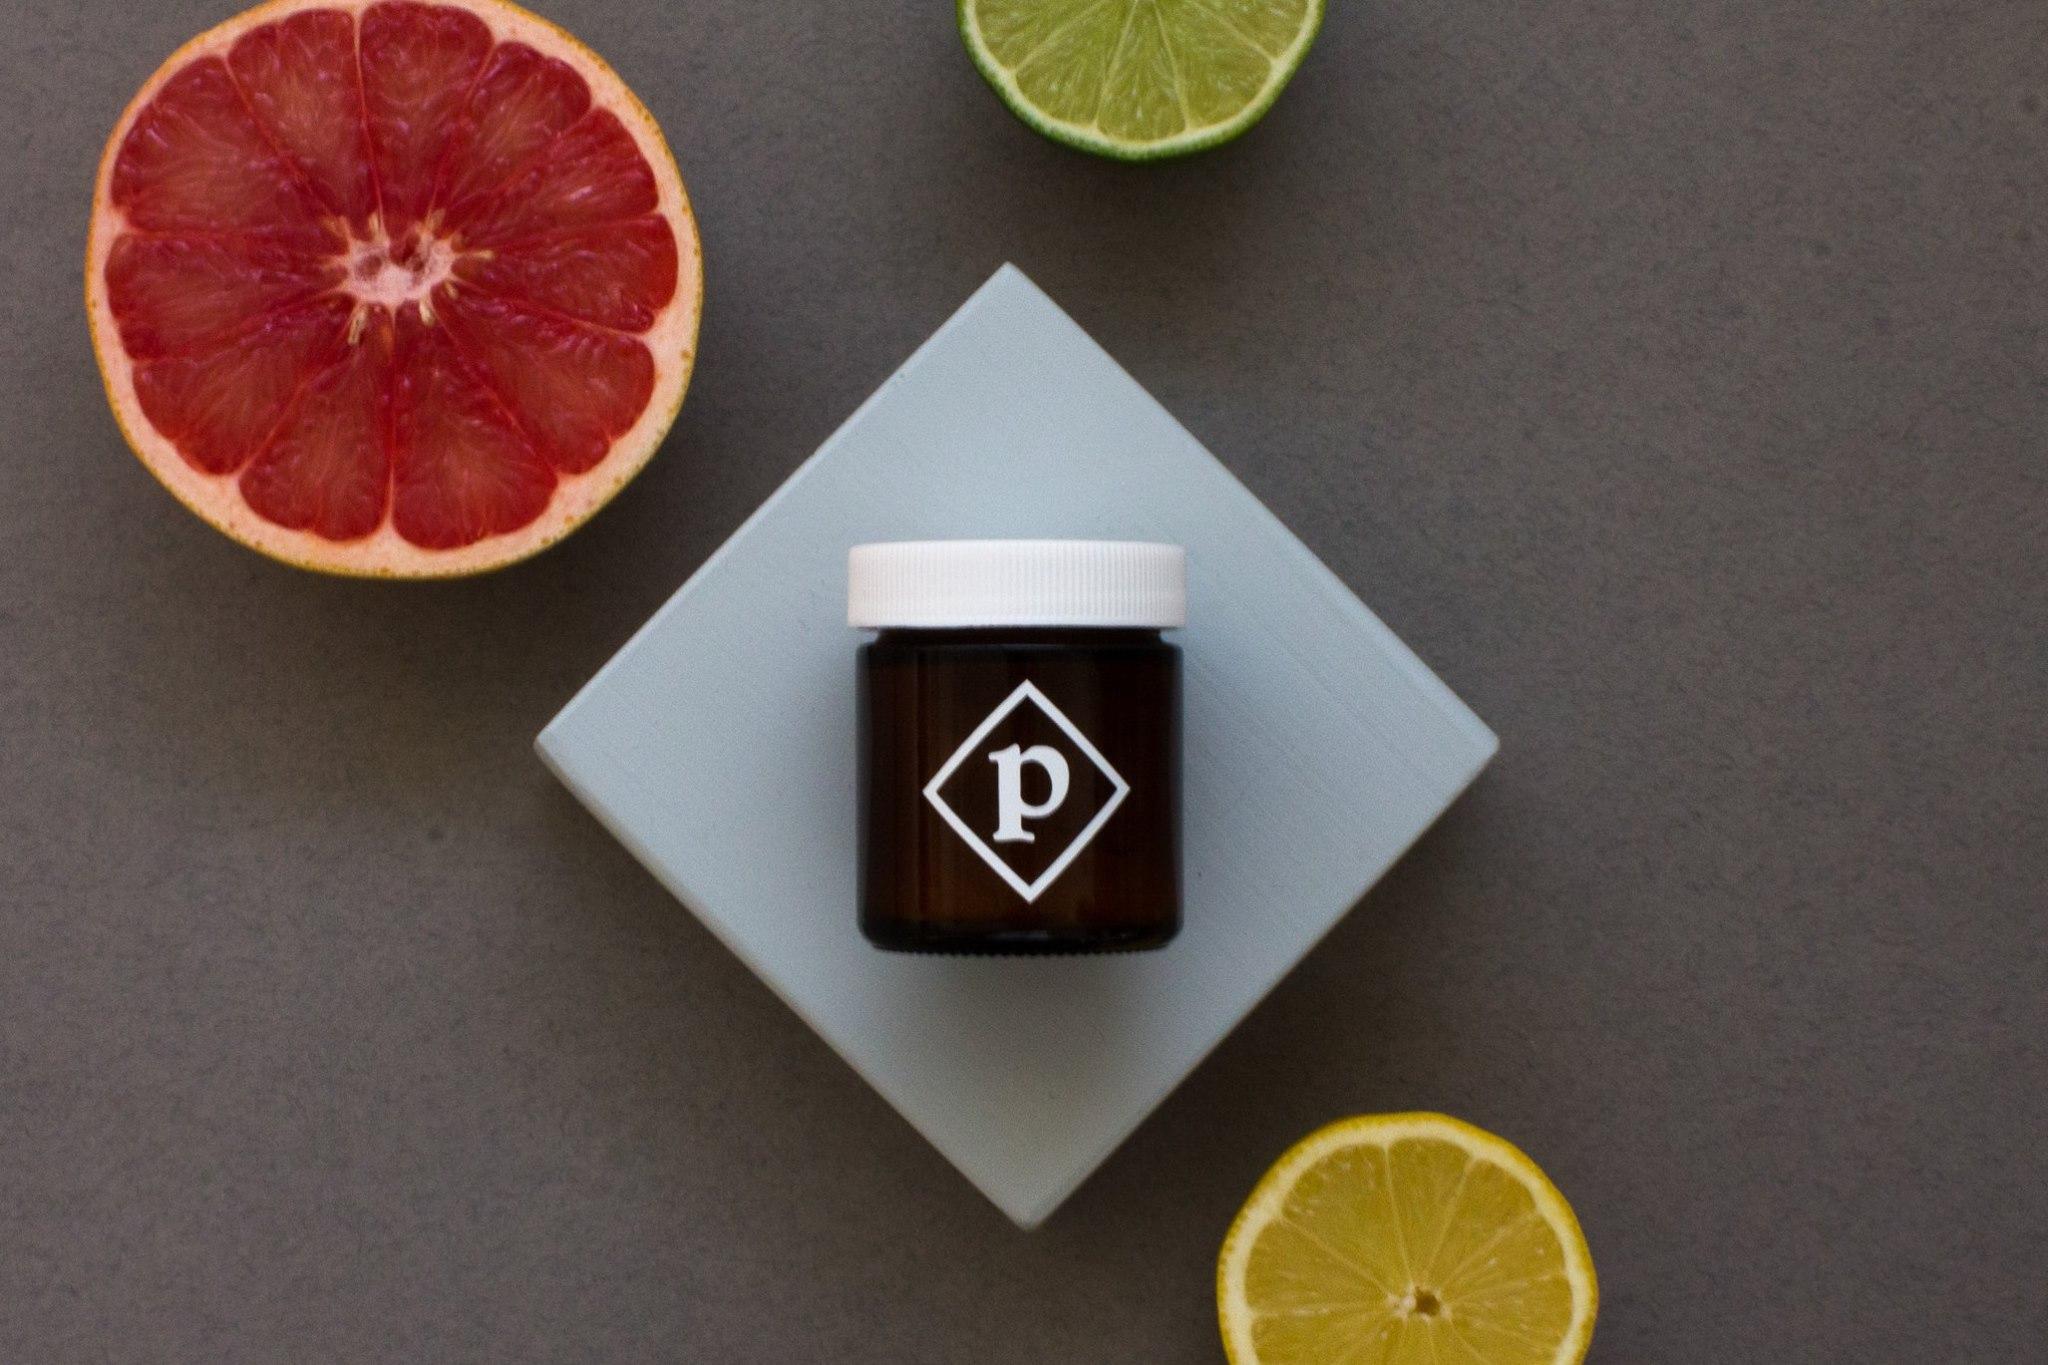 Le shampoing sec de Pépin est entièrement fait d'ingrédients végétaux et est exempt de fragrances synthétiques!